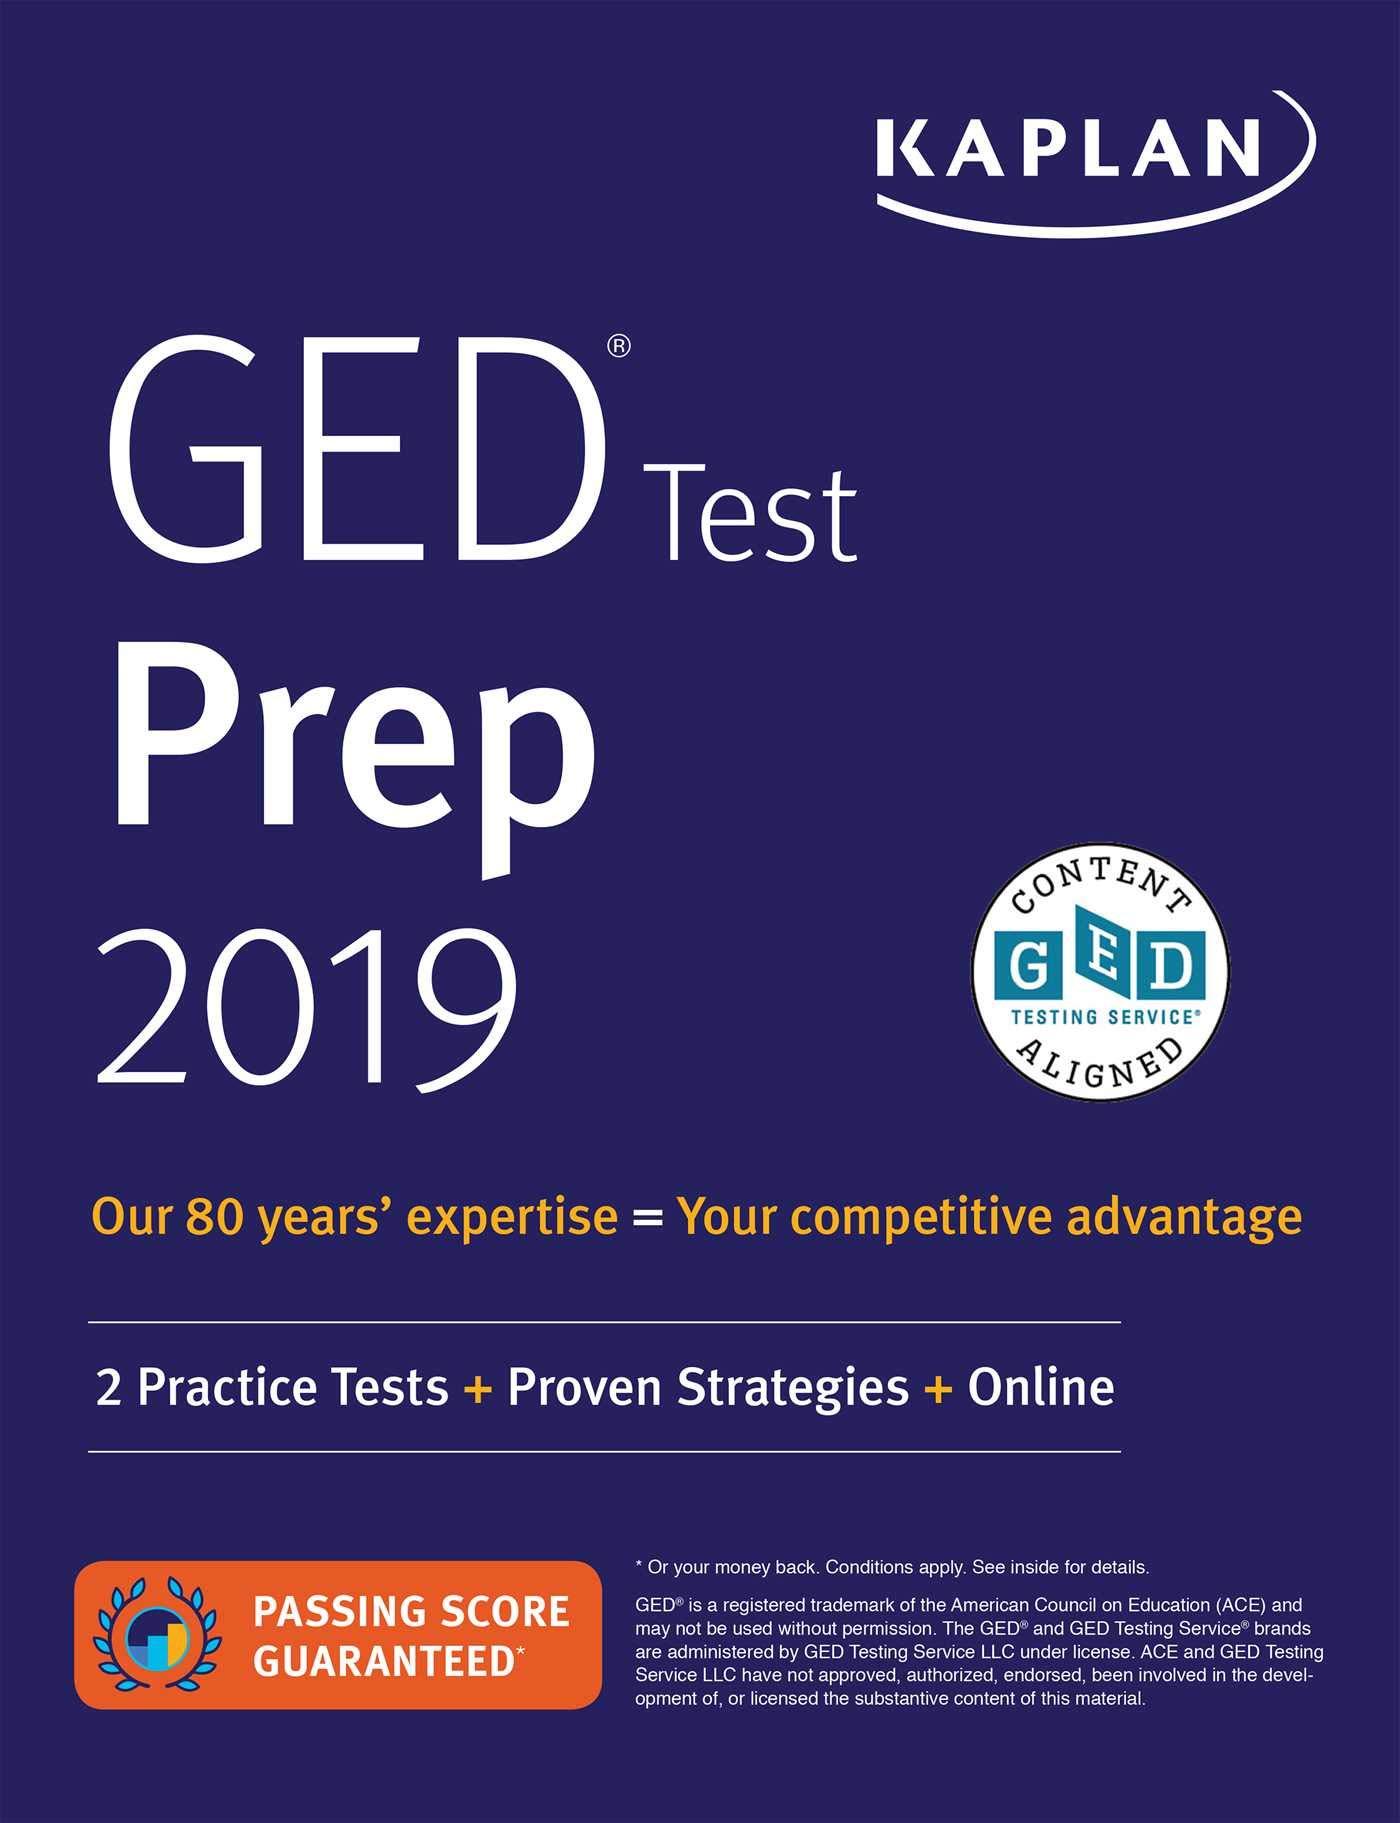 Ged Social Studies Practice Test Pdf 2019